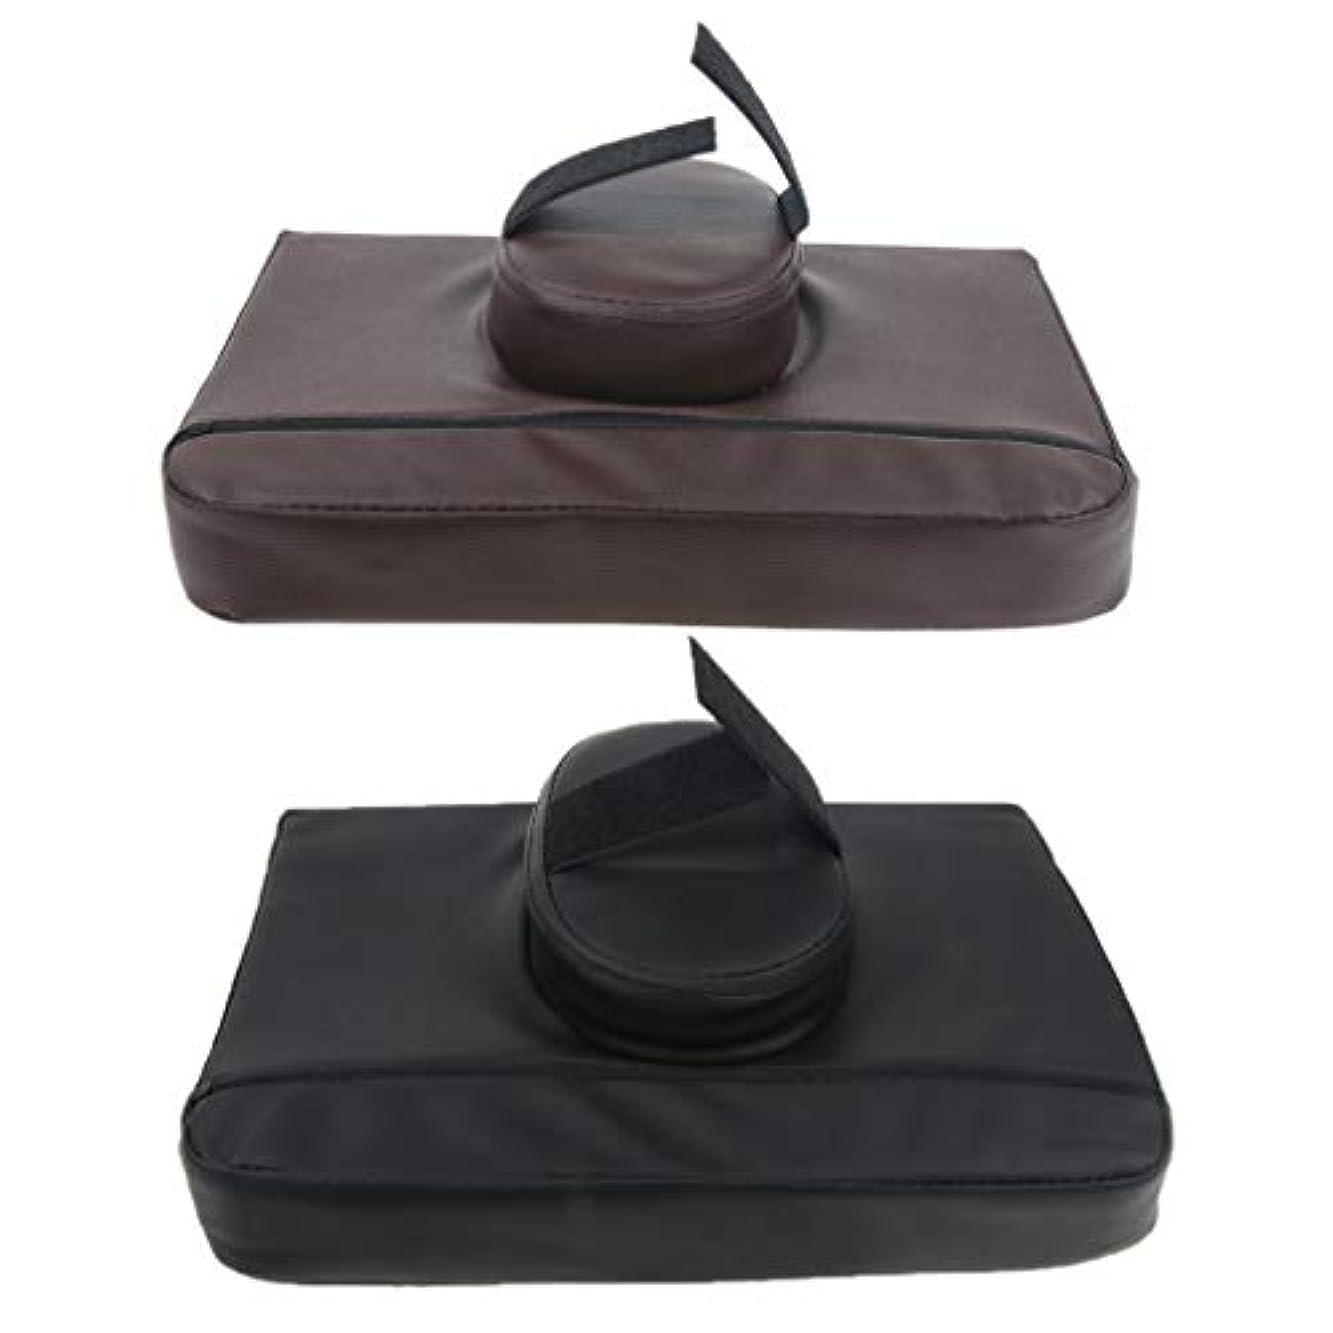 ソフィー石鹸クラウンマッサージ枕 マッサージピロー クッション スクエア マッサージテーブル用 ソフト 快適 2ピース